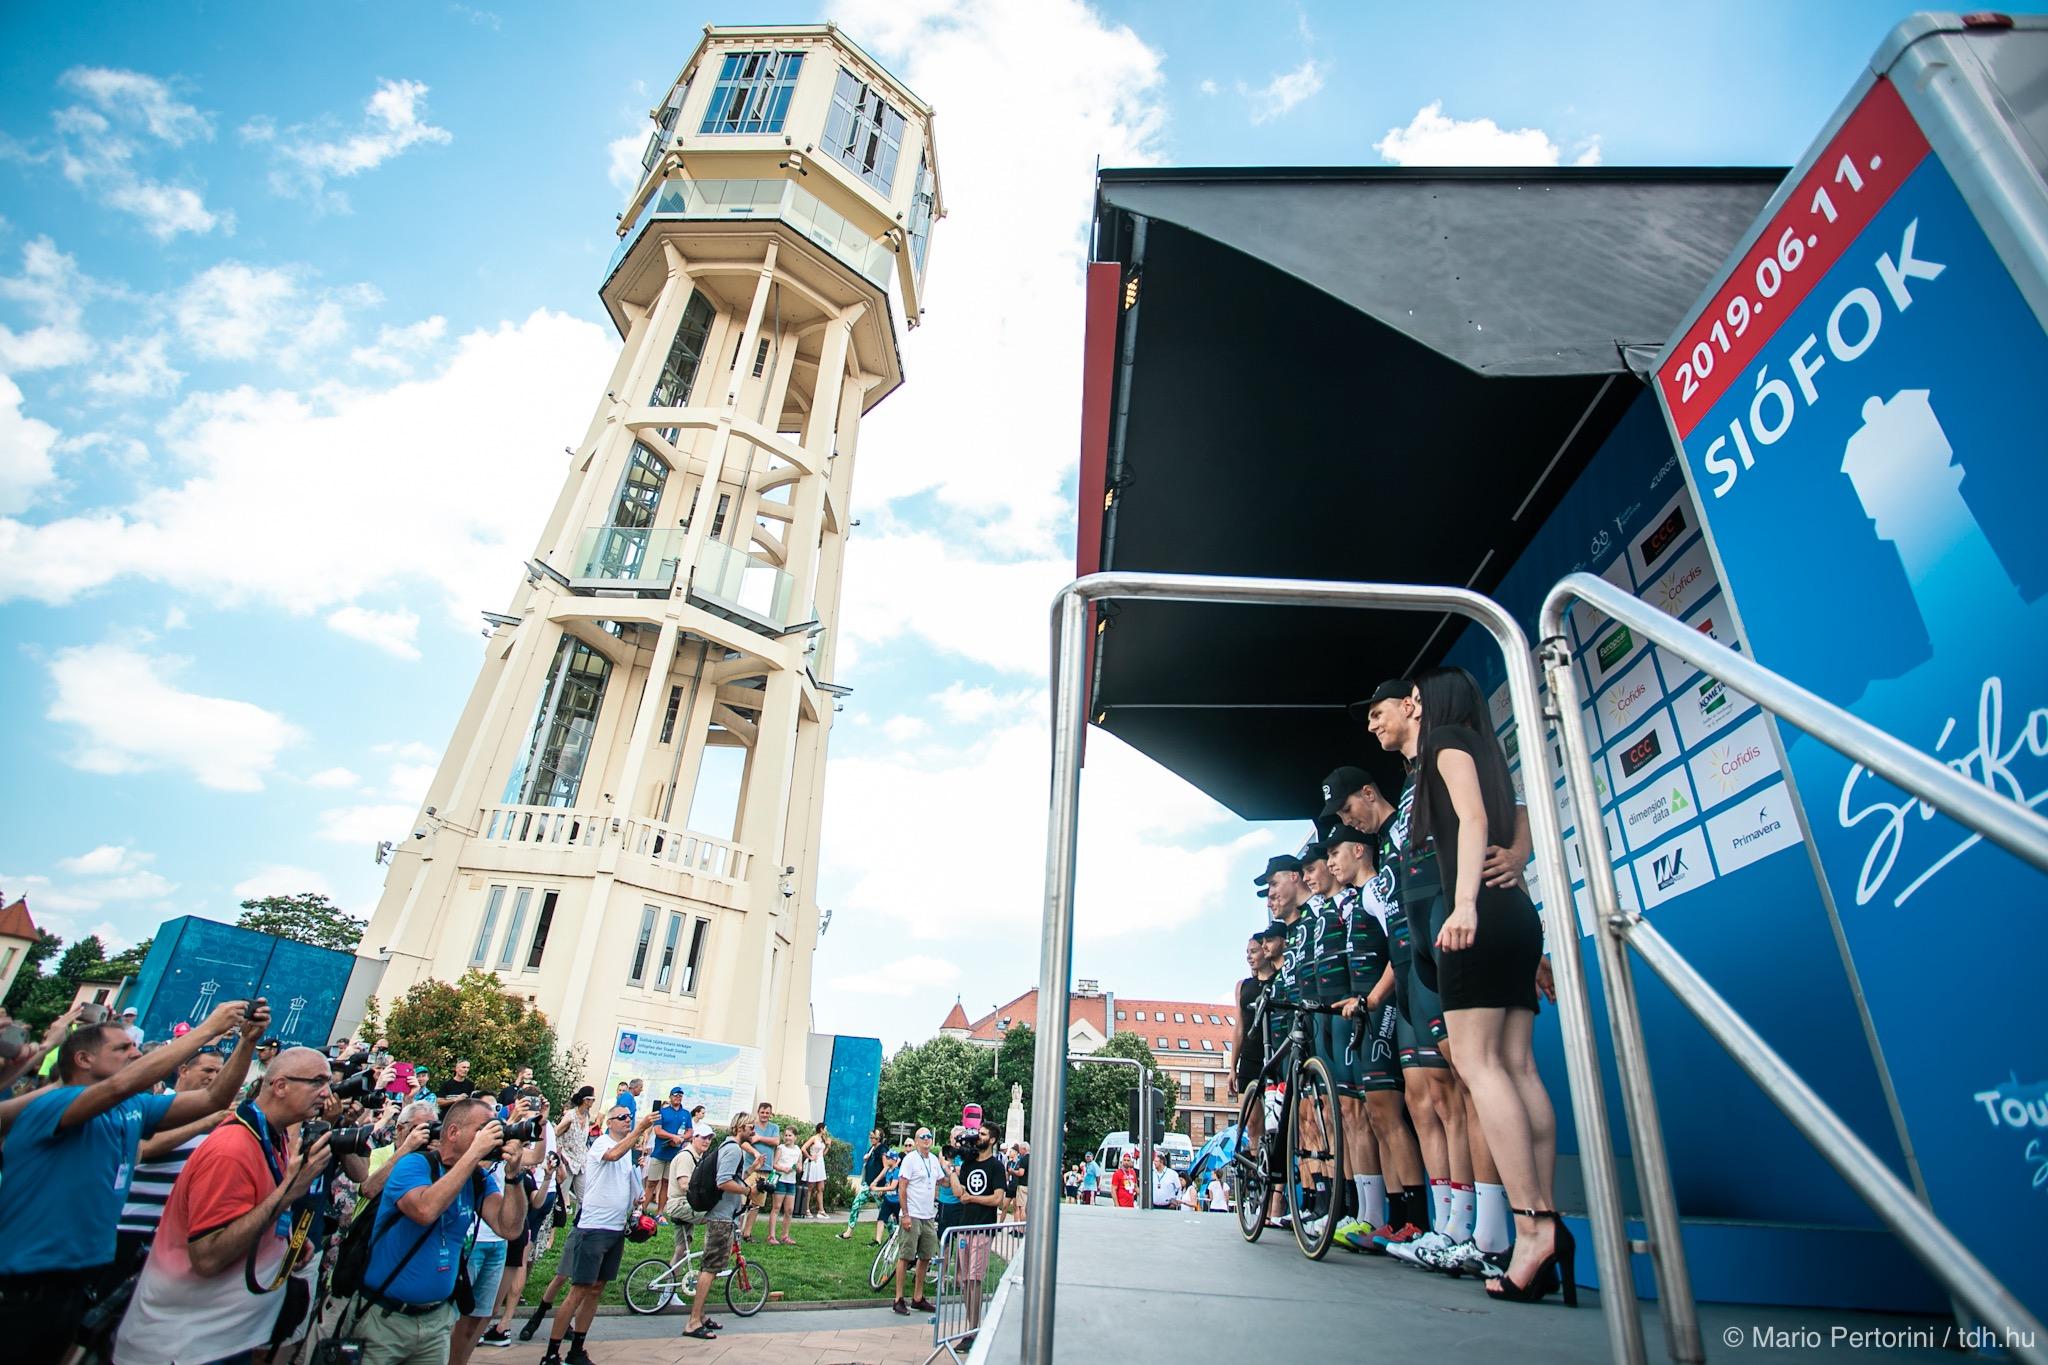 https://kolorline.hu/A cseh Jan Barta vezet a Tour De Hongrien a keddi prológ után